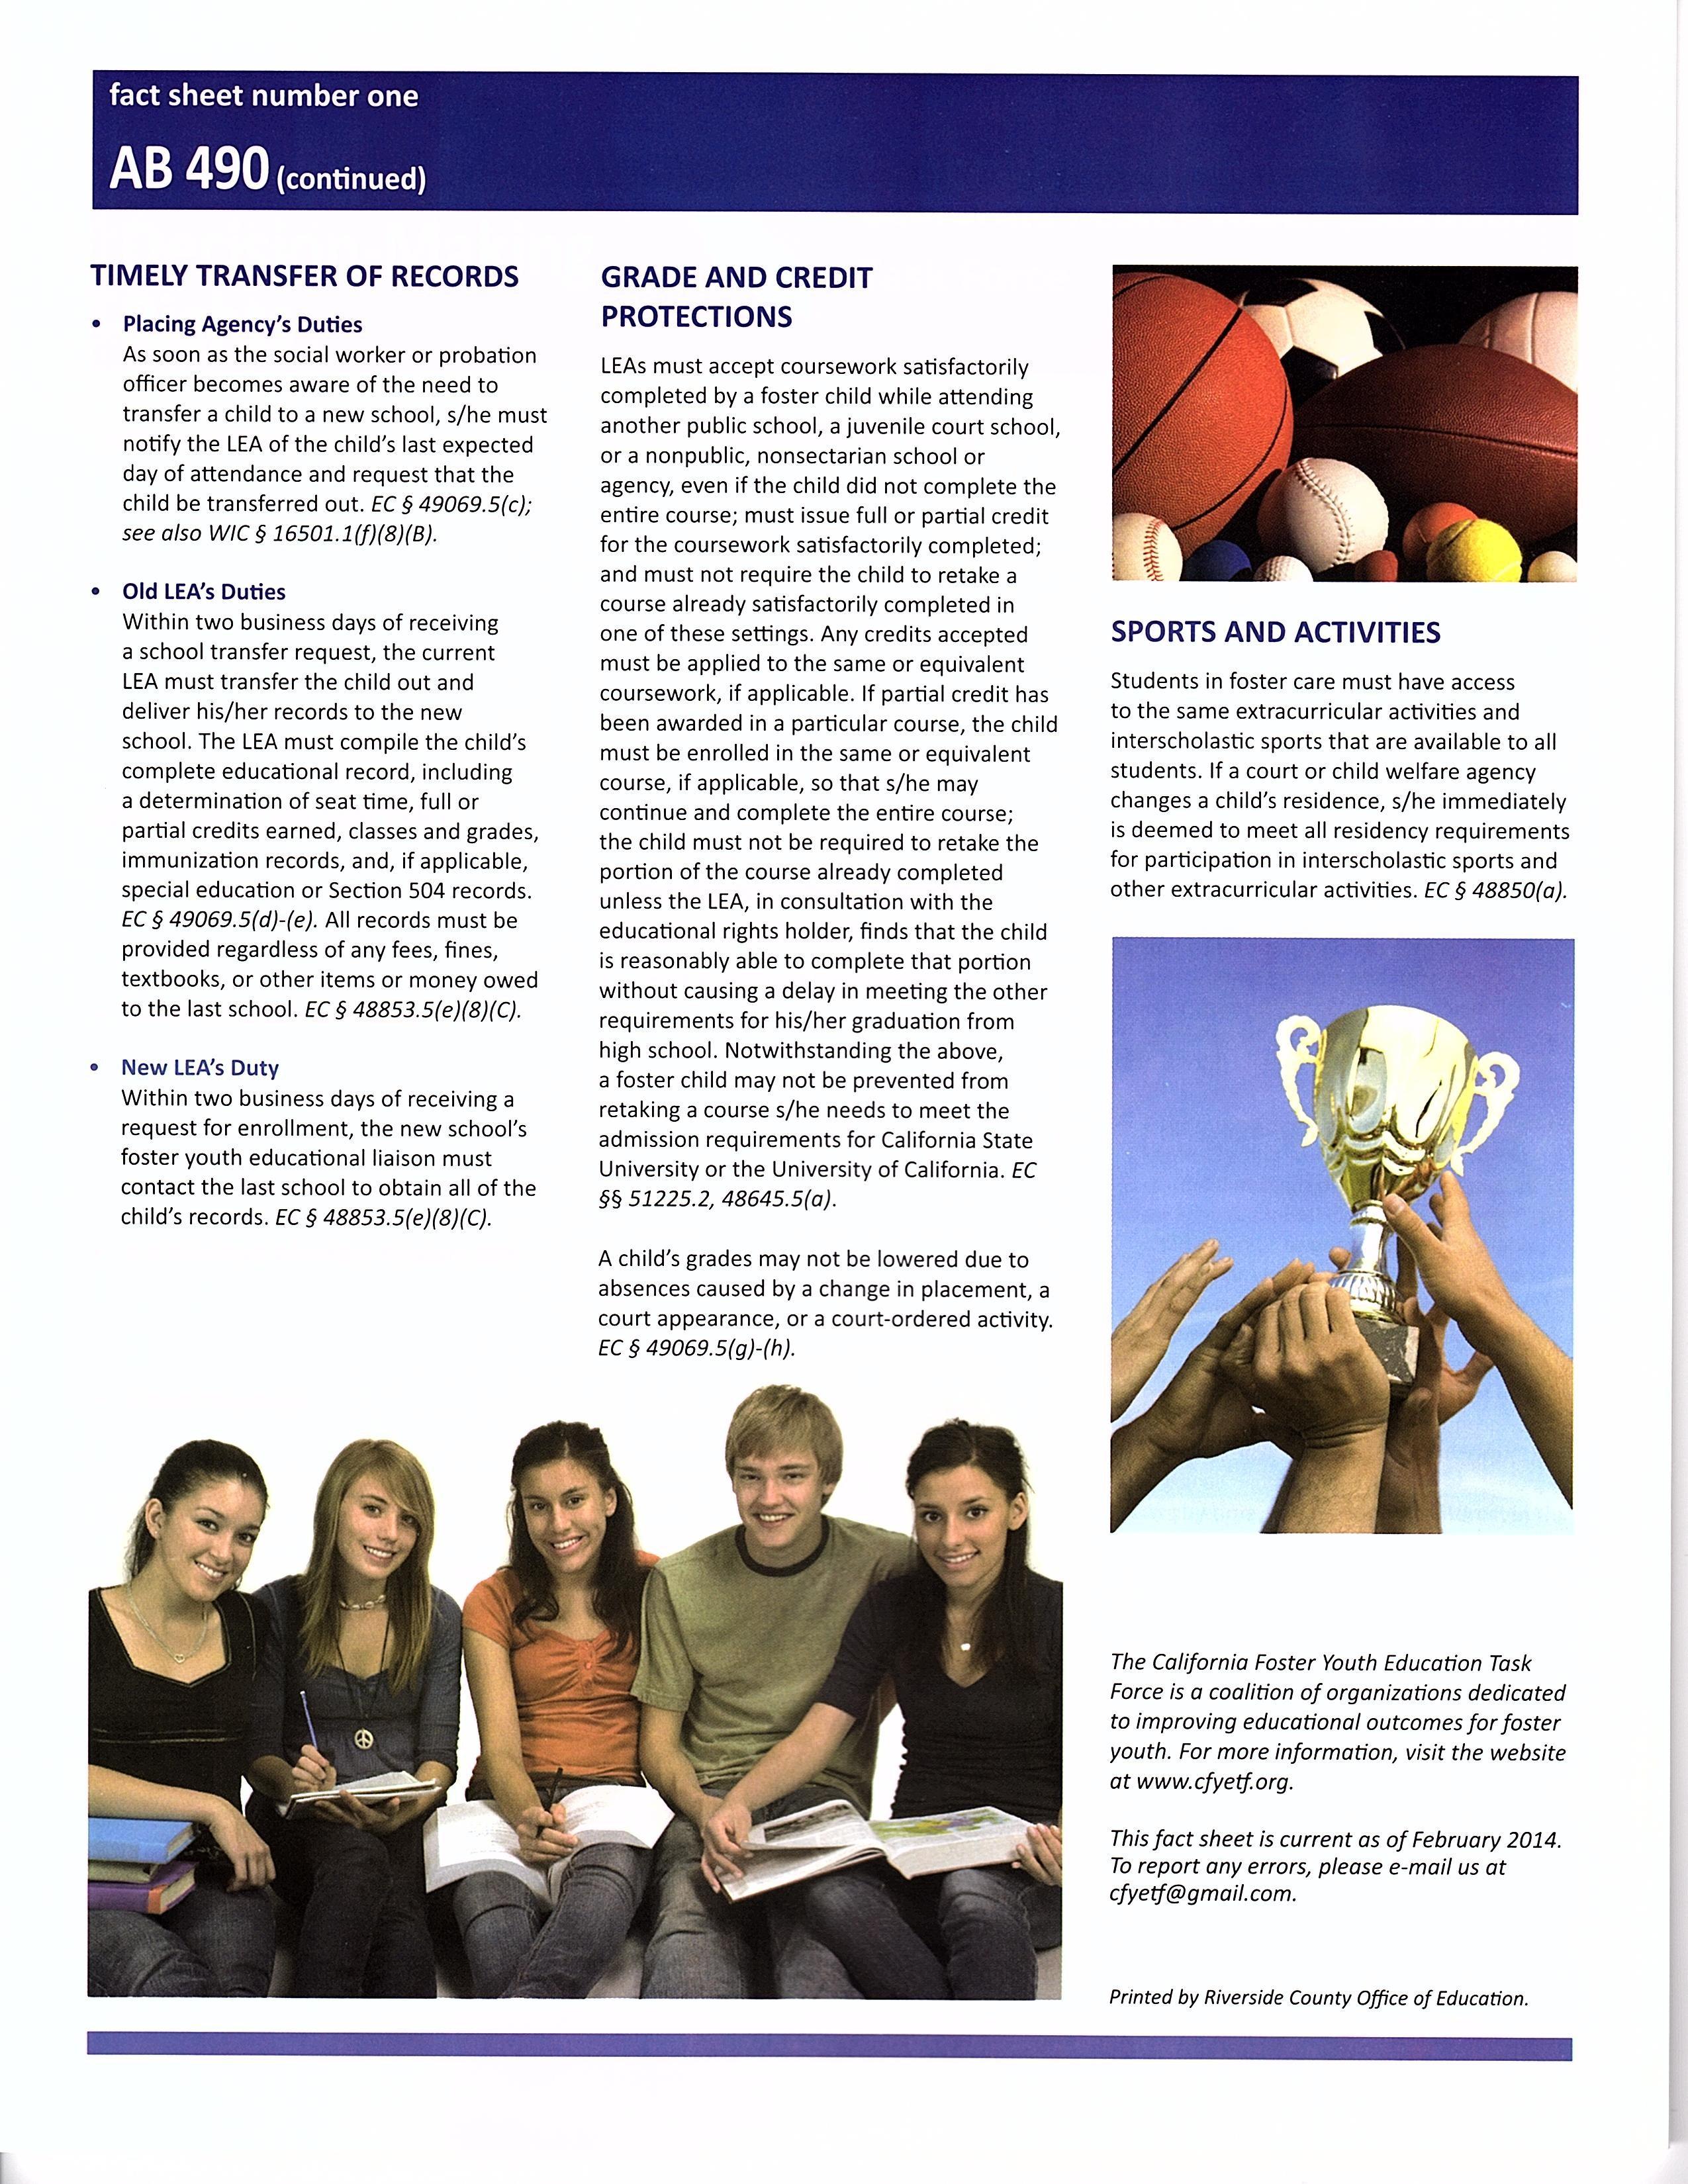 AB 90 Fact Sheet Manual